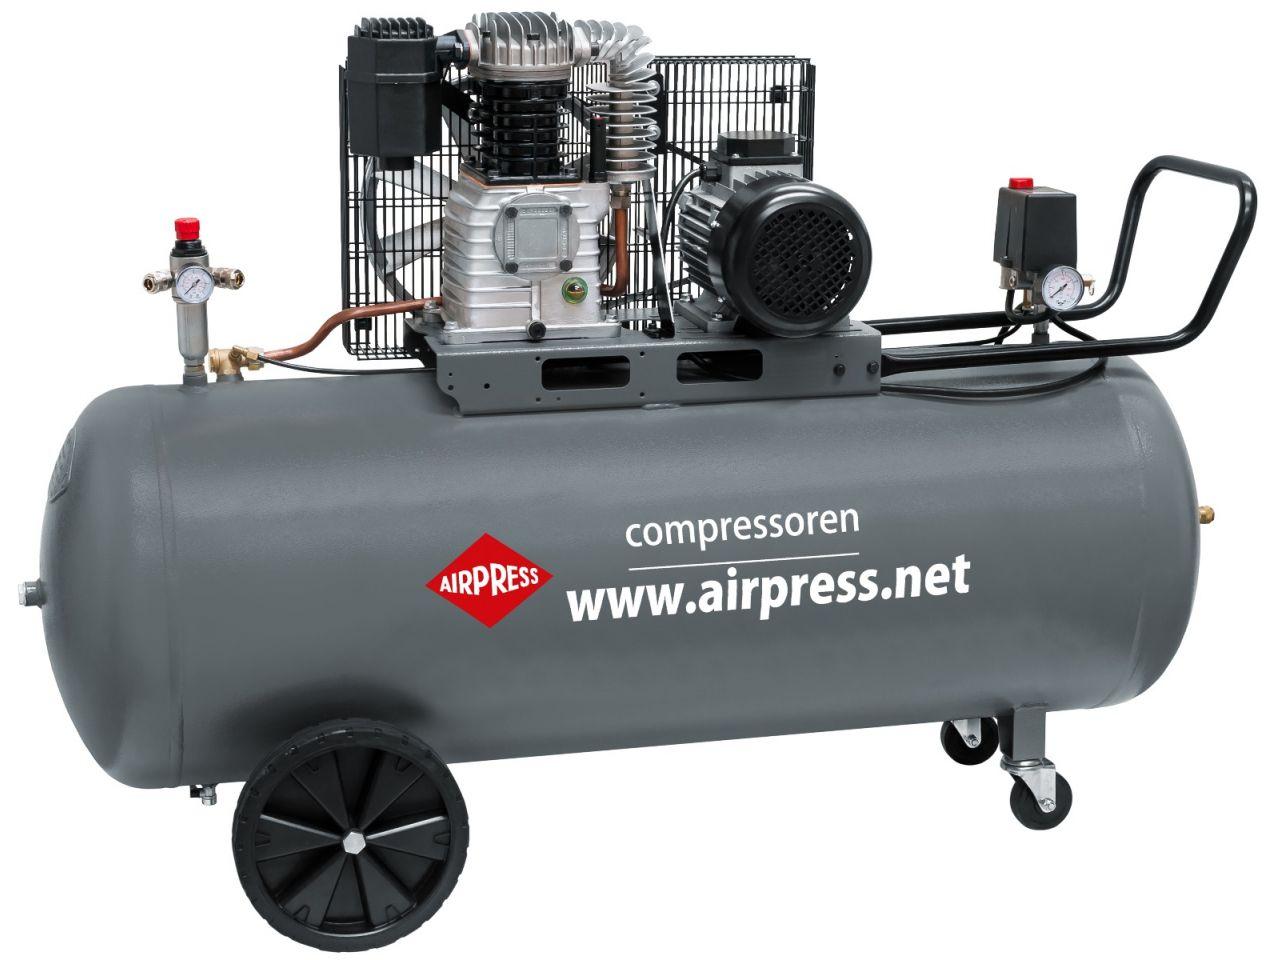 Compressor HK 425/200